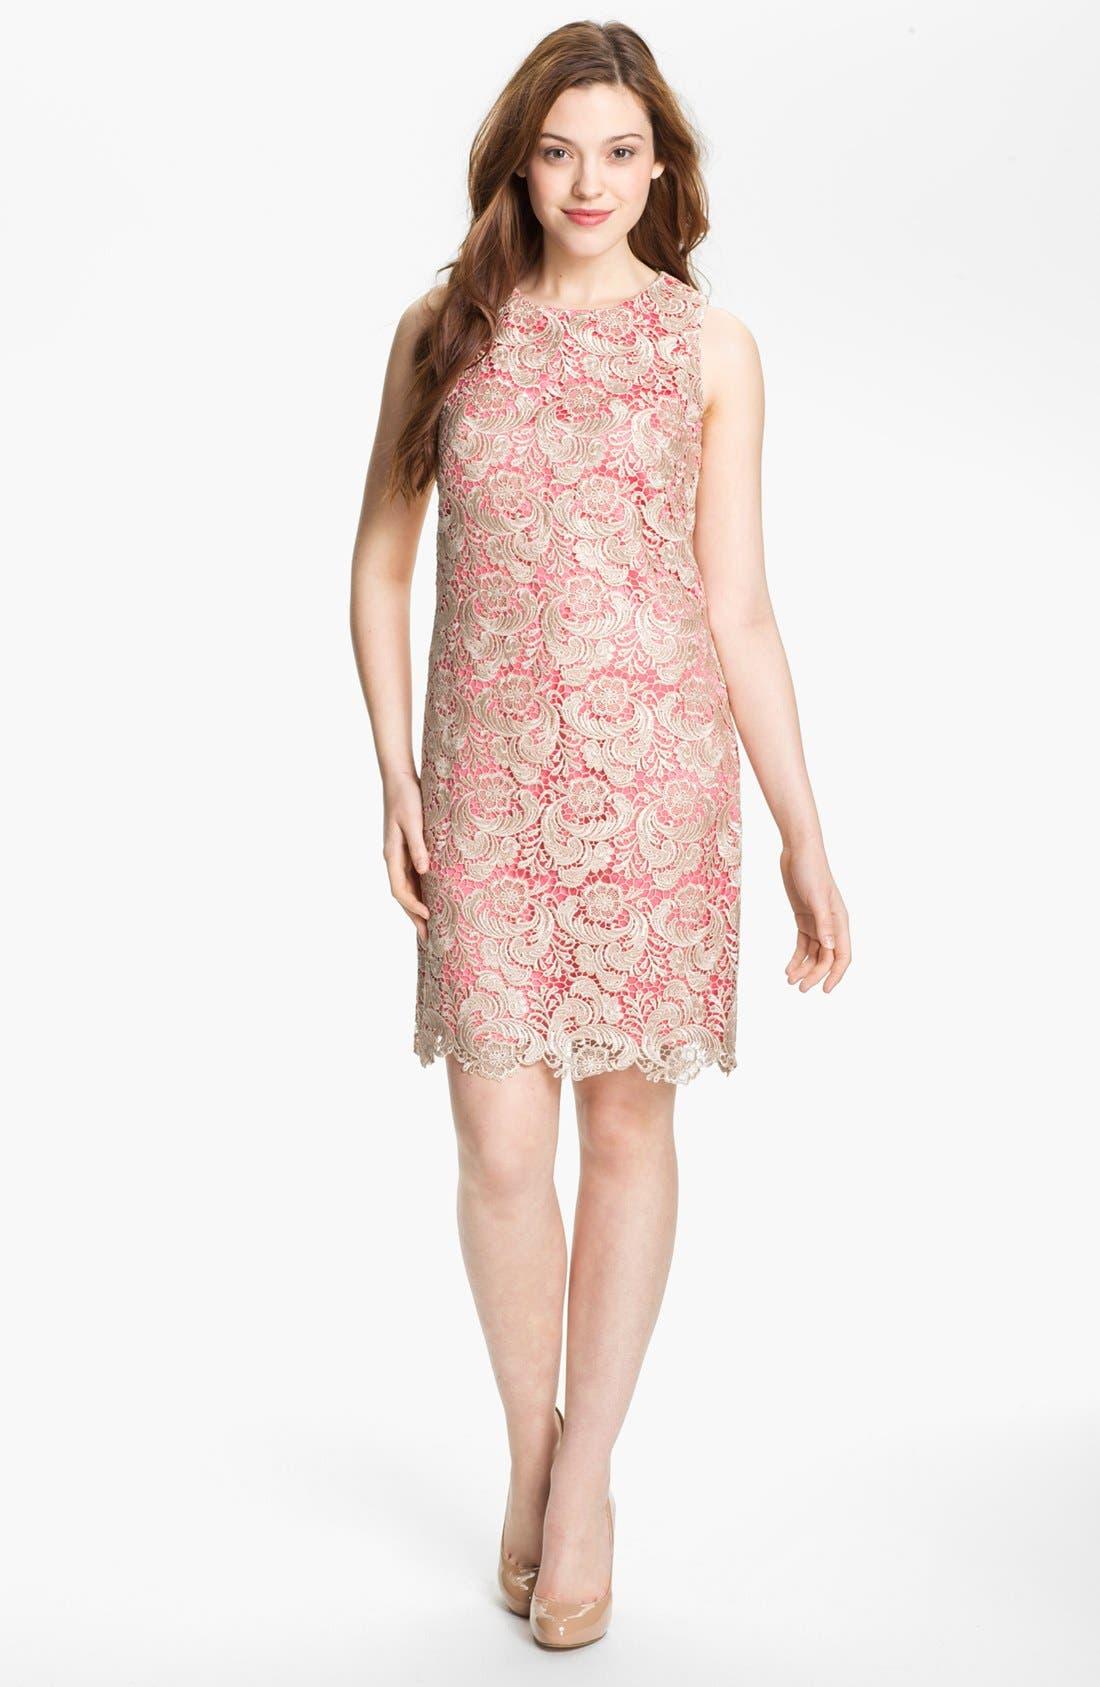 Alternate Image 1 Selected - Eliza J Sleeveless Lace Shift Dress